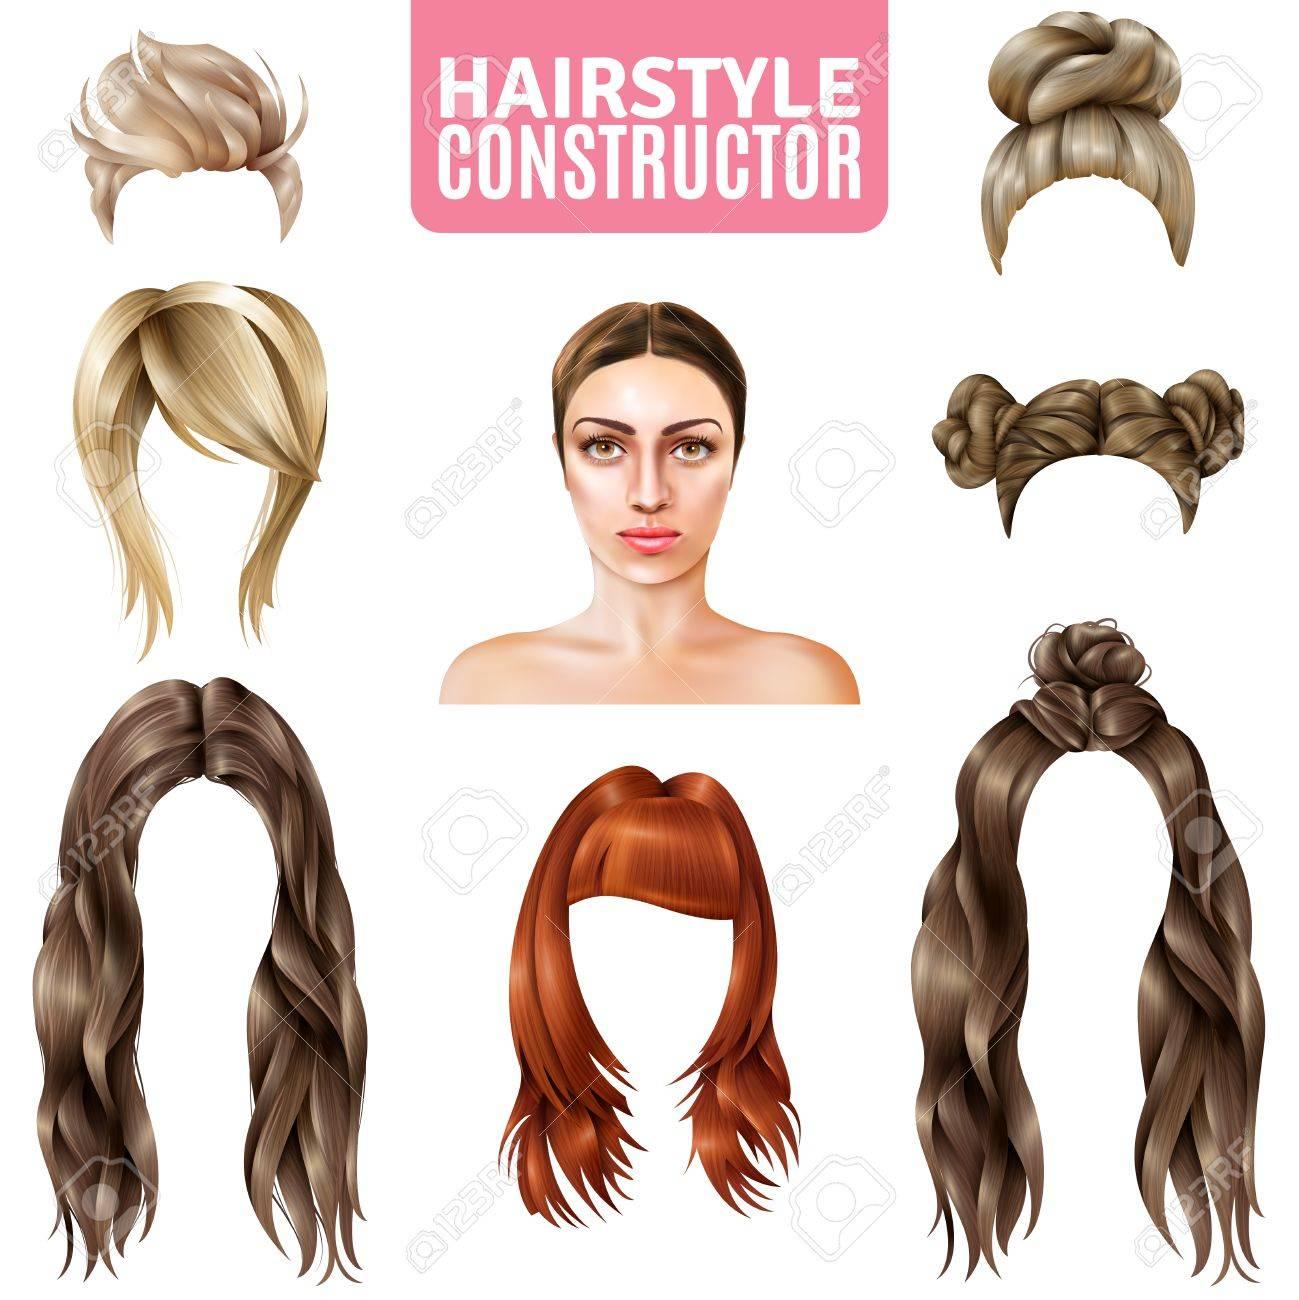 Frisuren Für Frauen Konstruktor Einschließlich Modell Lange Und